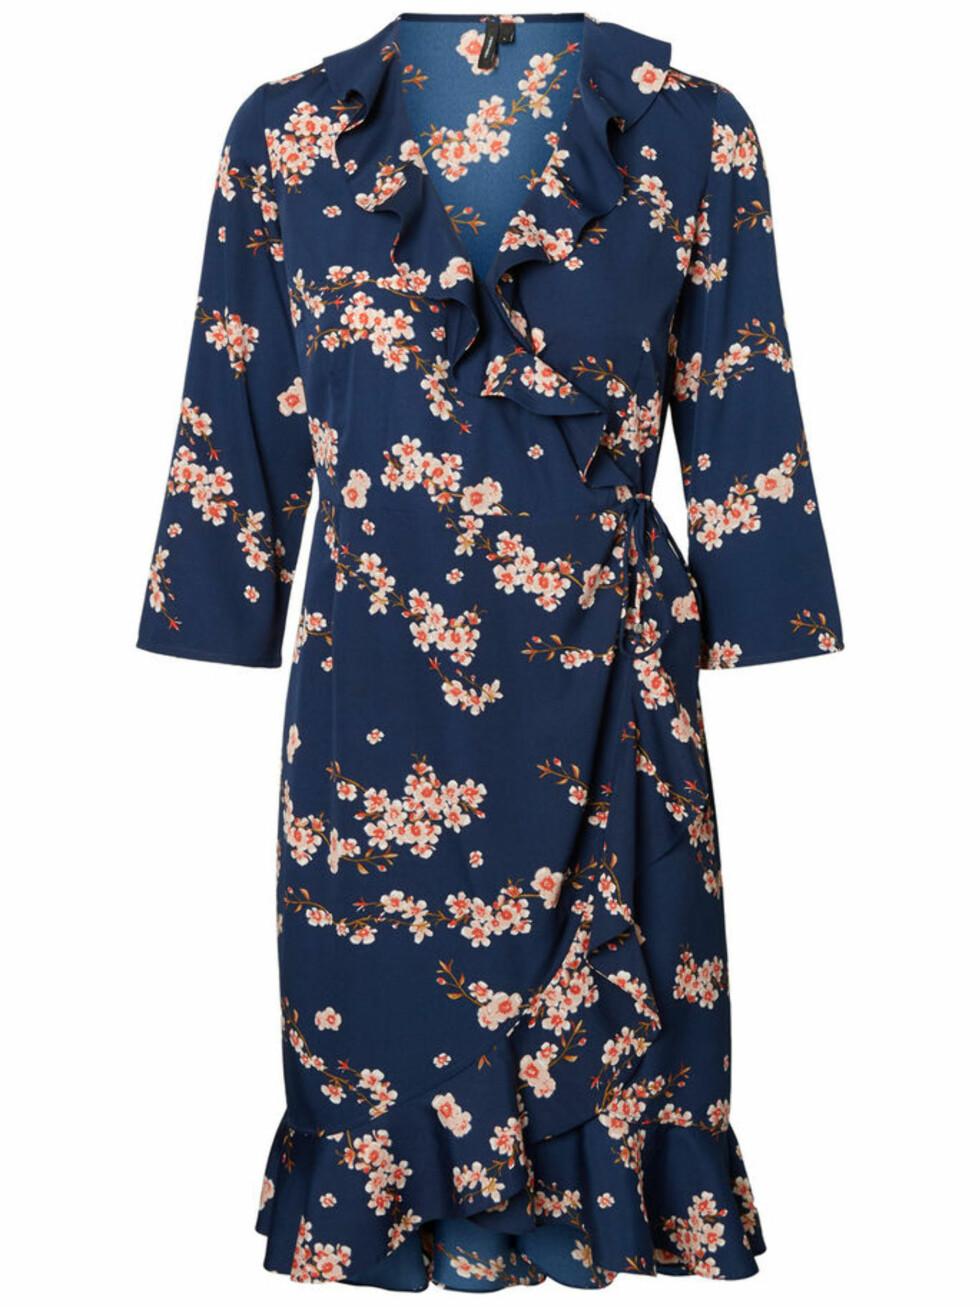 Kjole fra Vero Moda |300,-| https://www.veromoda.com/no/no/vm/kjoep-etter-kategori/kjoler/henna-kjole-10200452.html?cgid=vm-dresses&dwvar_colorPattern=10200452_Winetasting_630420